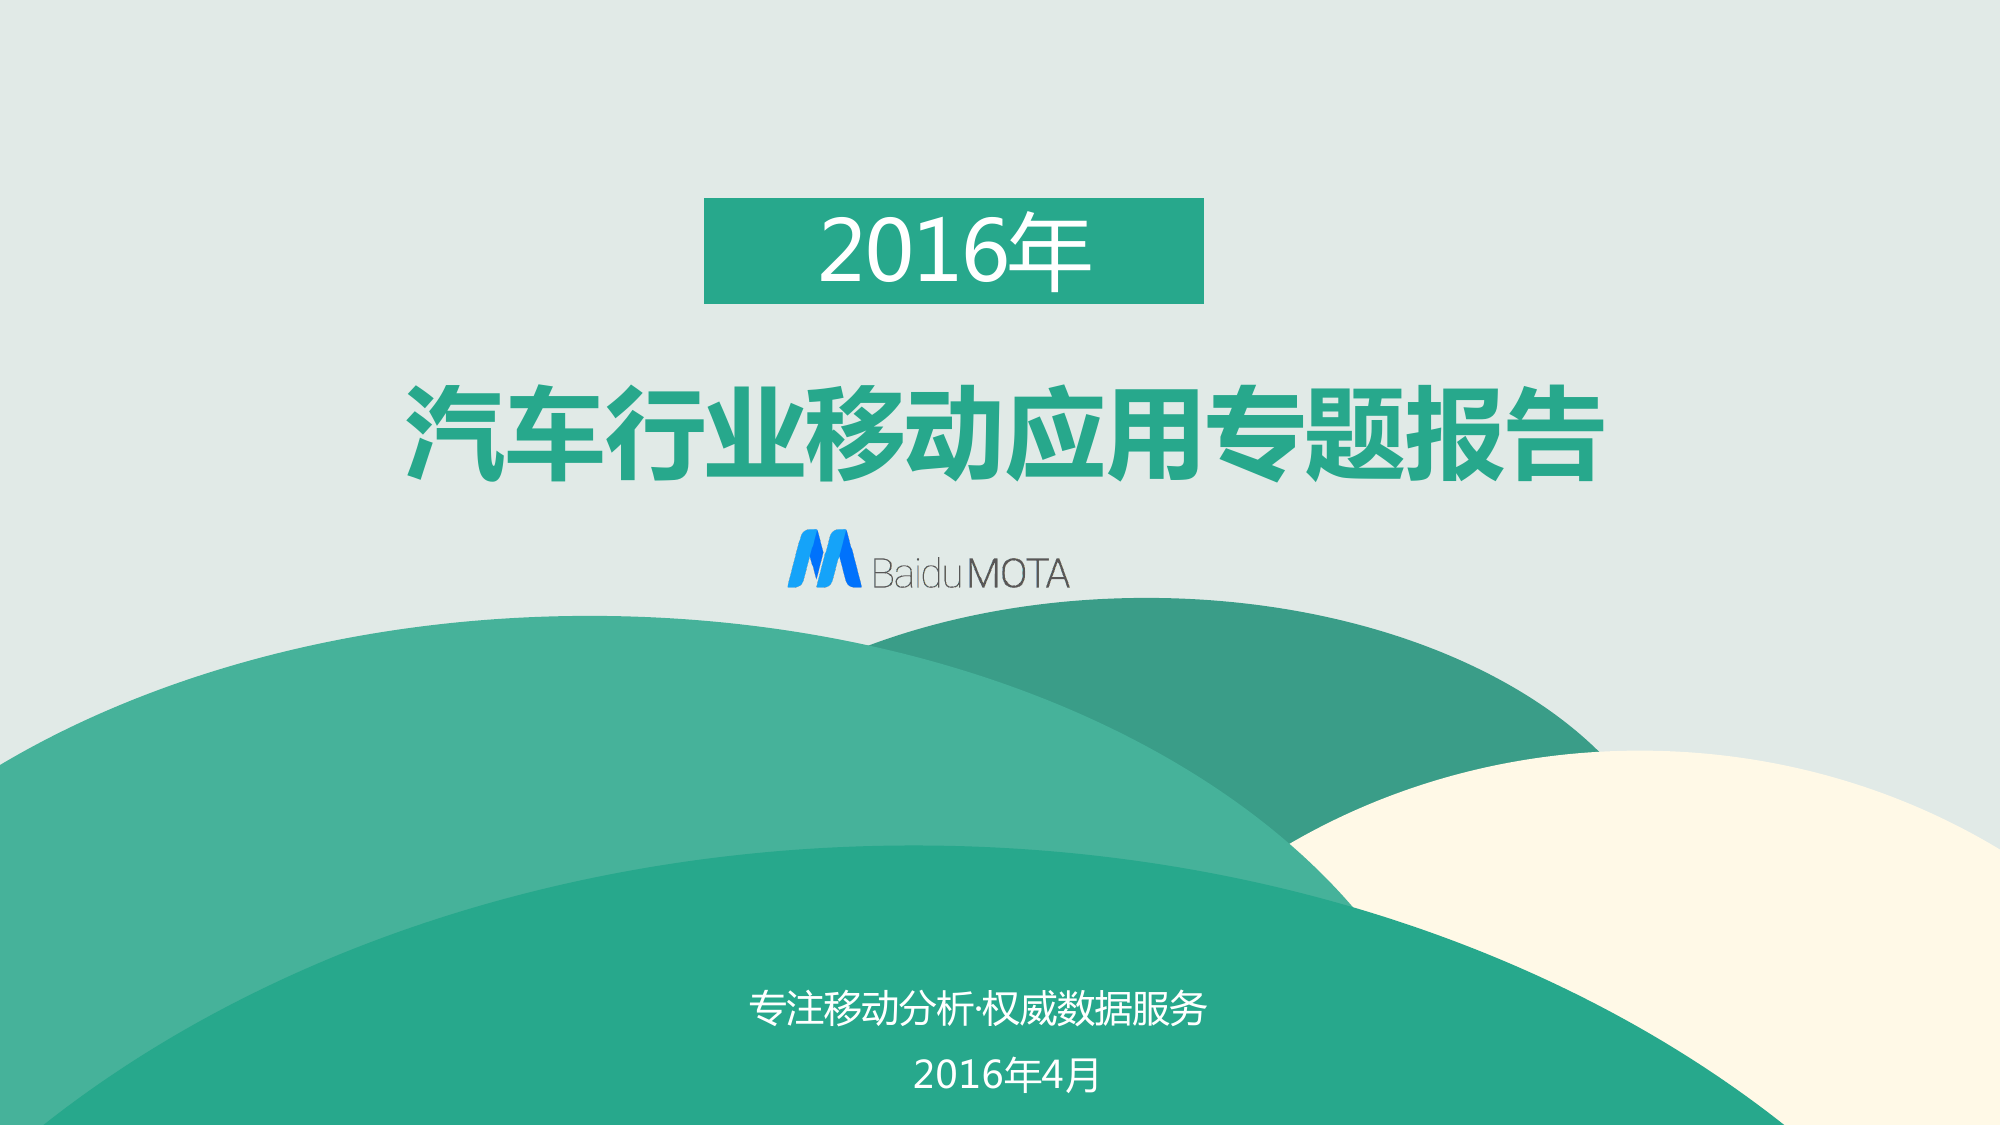 2016年汽车行业移动应用专题报告_000001